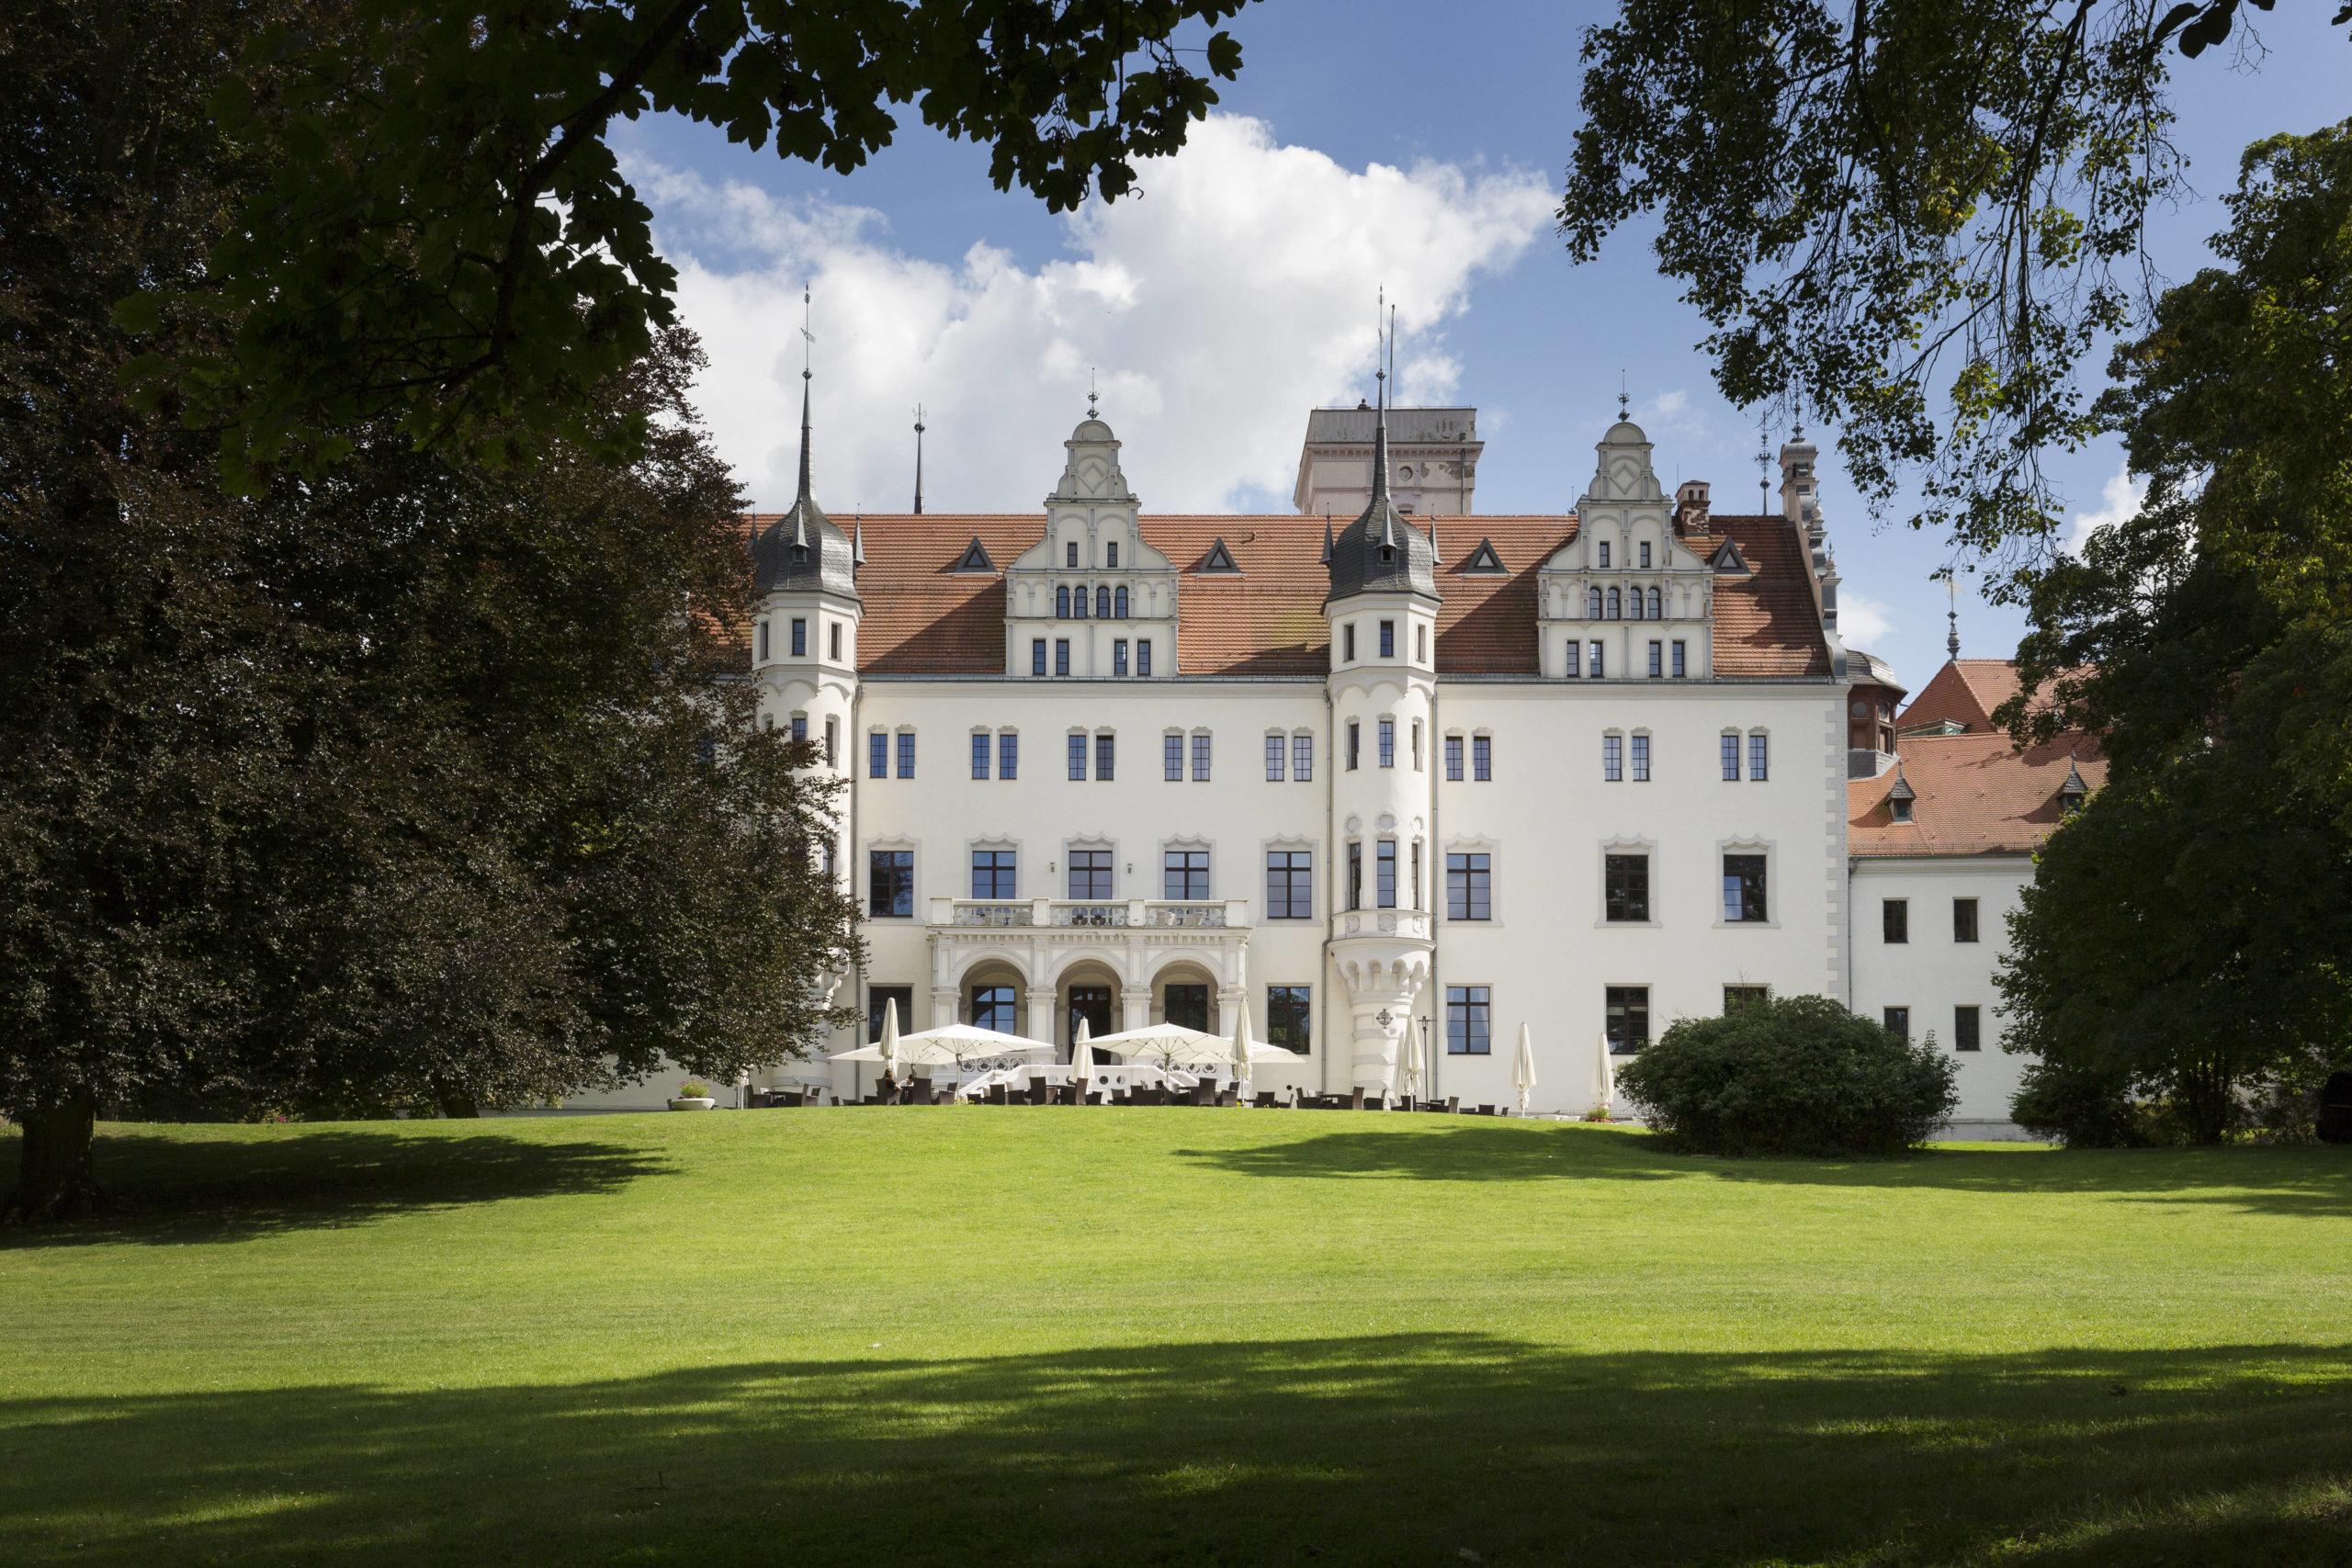 Reiterurlaub in einem frühmittelalterlichen Schloss? Das prächtige Schloss Boitzenburg in Brandenburg bietet Reiterferien an – auch für Anfänger:innen.